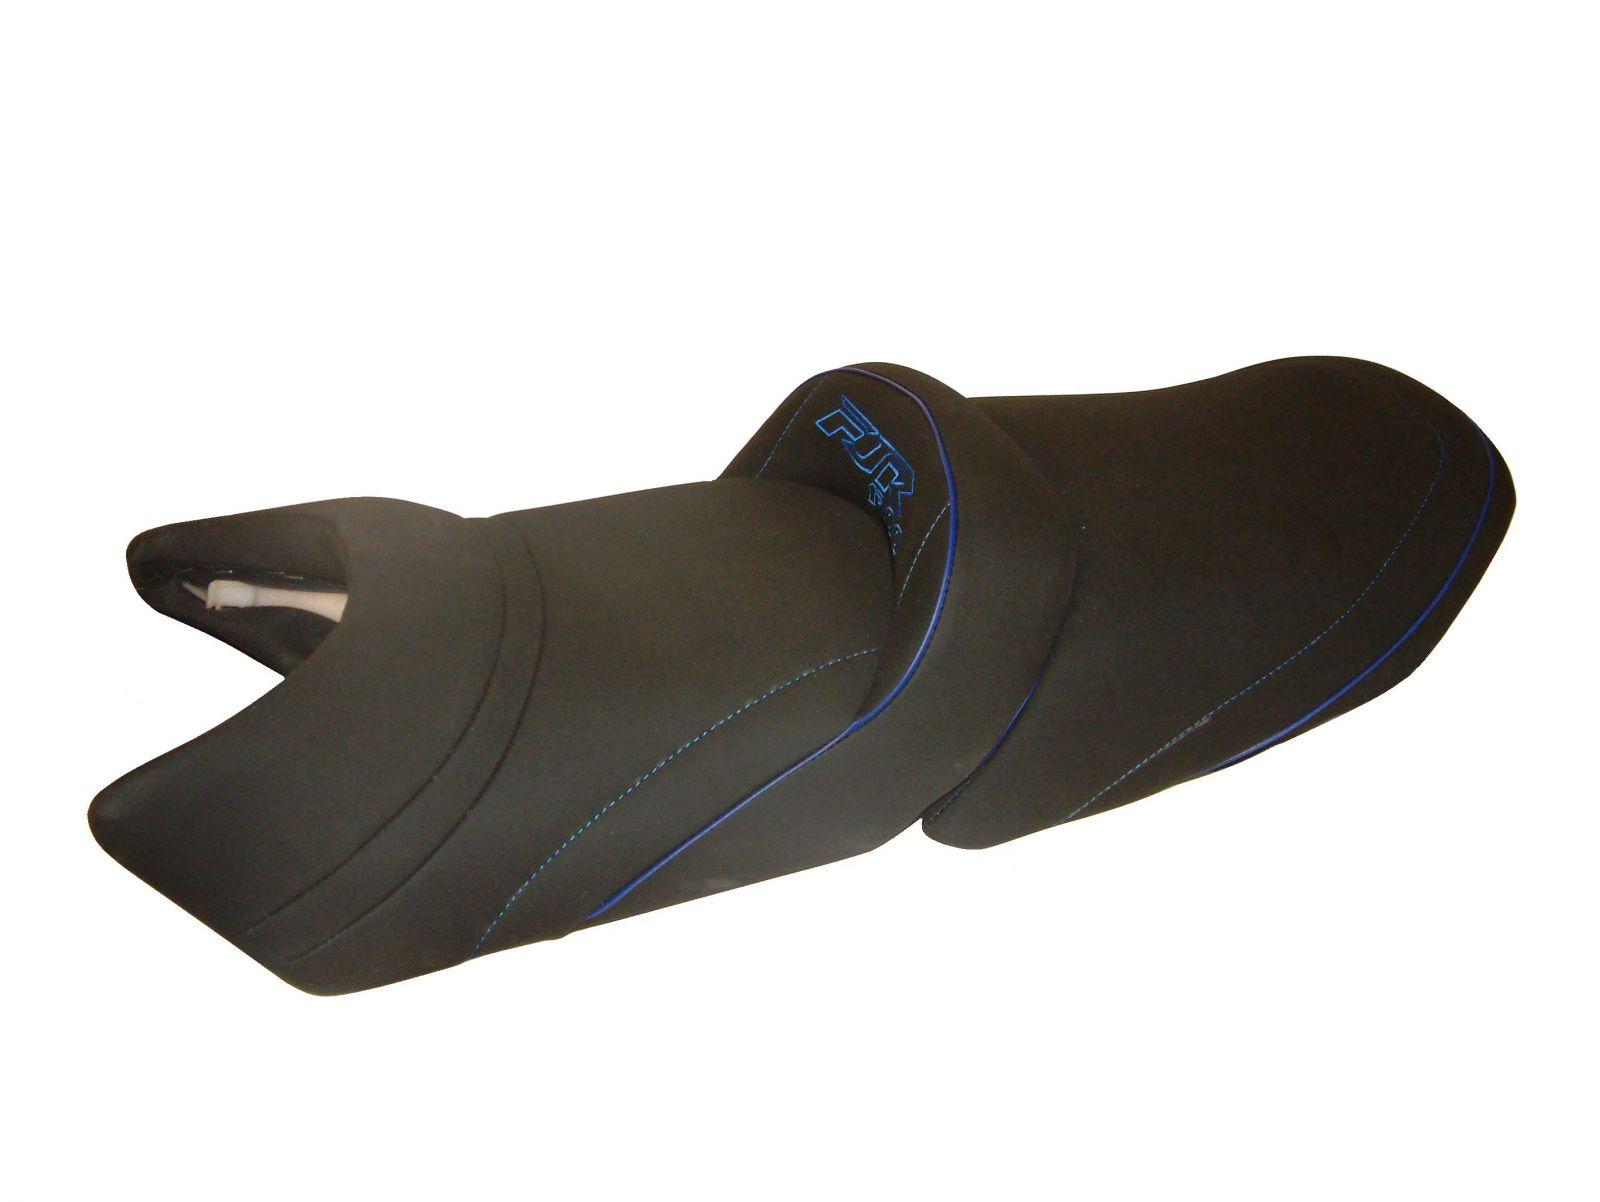 Sella Grande Confort SGC0321 - YAMAHA FJR 1300 [2001-2005]